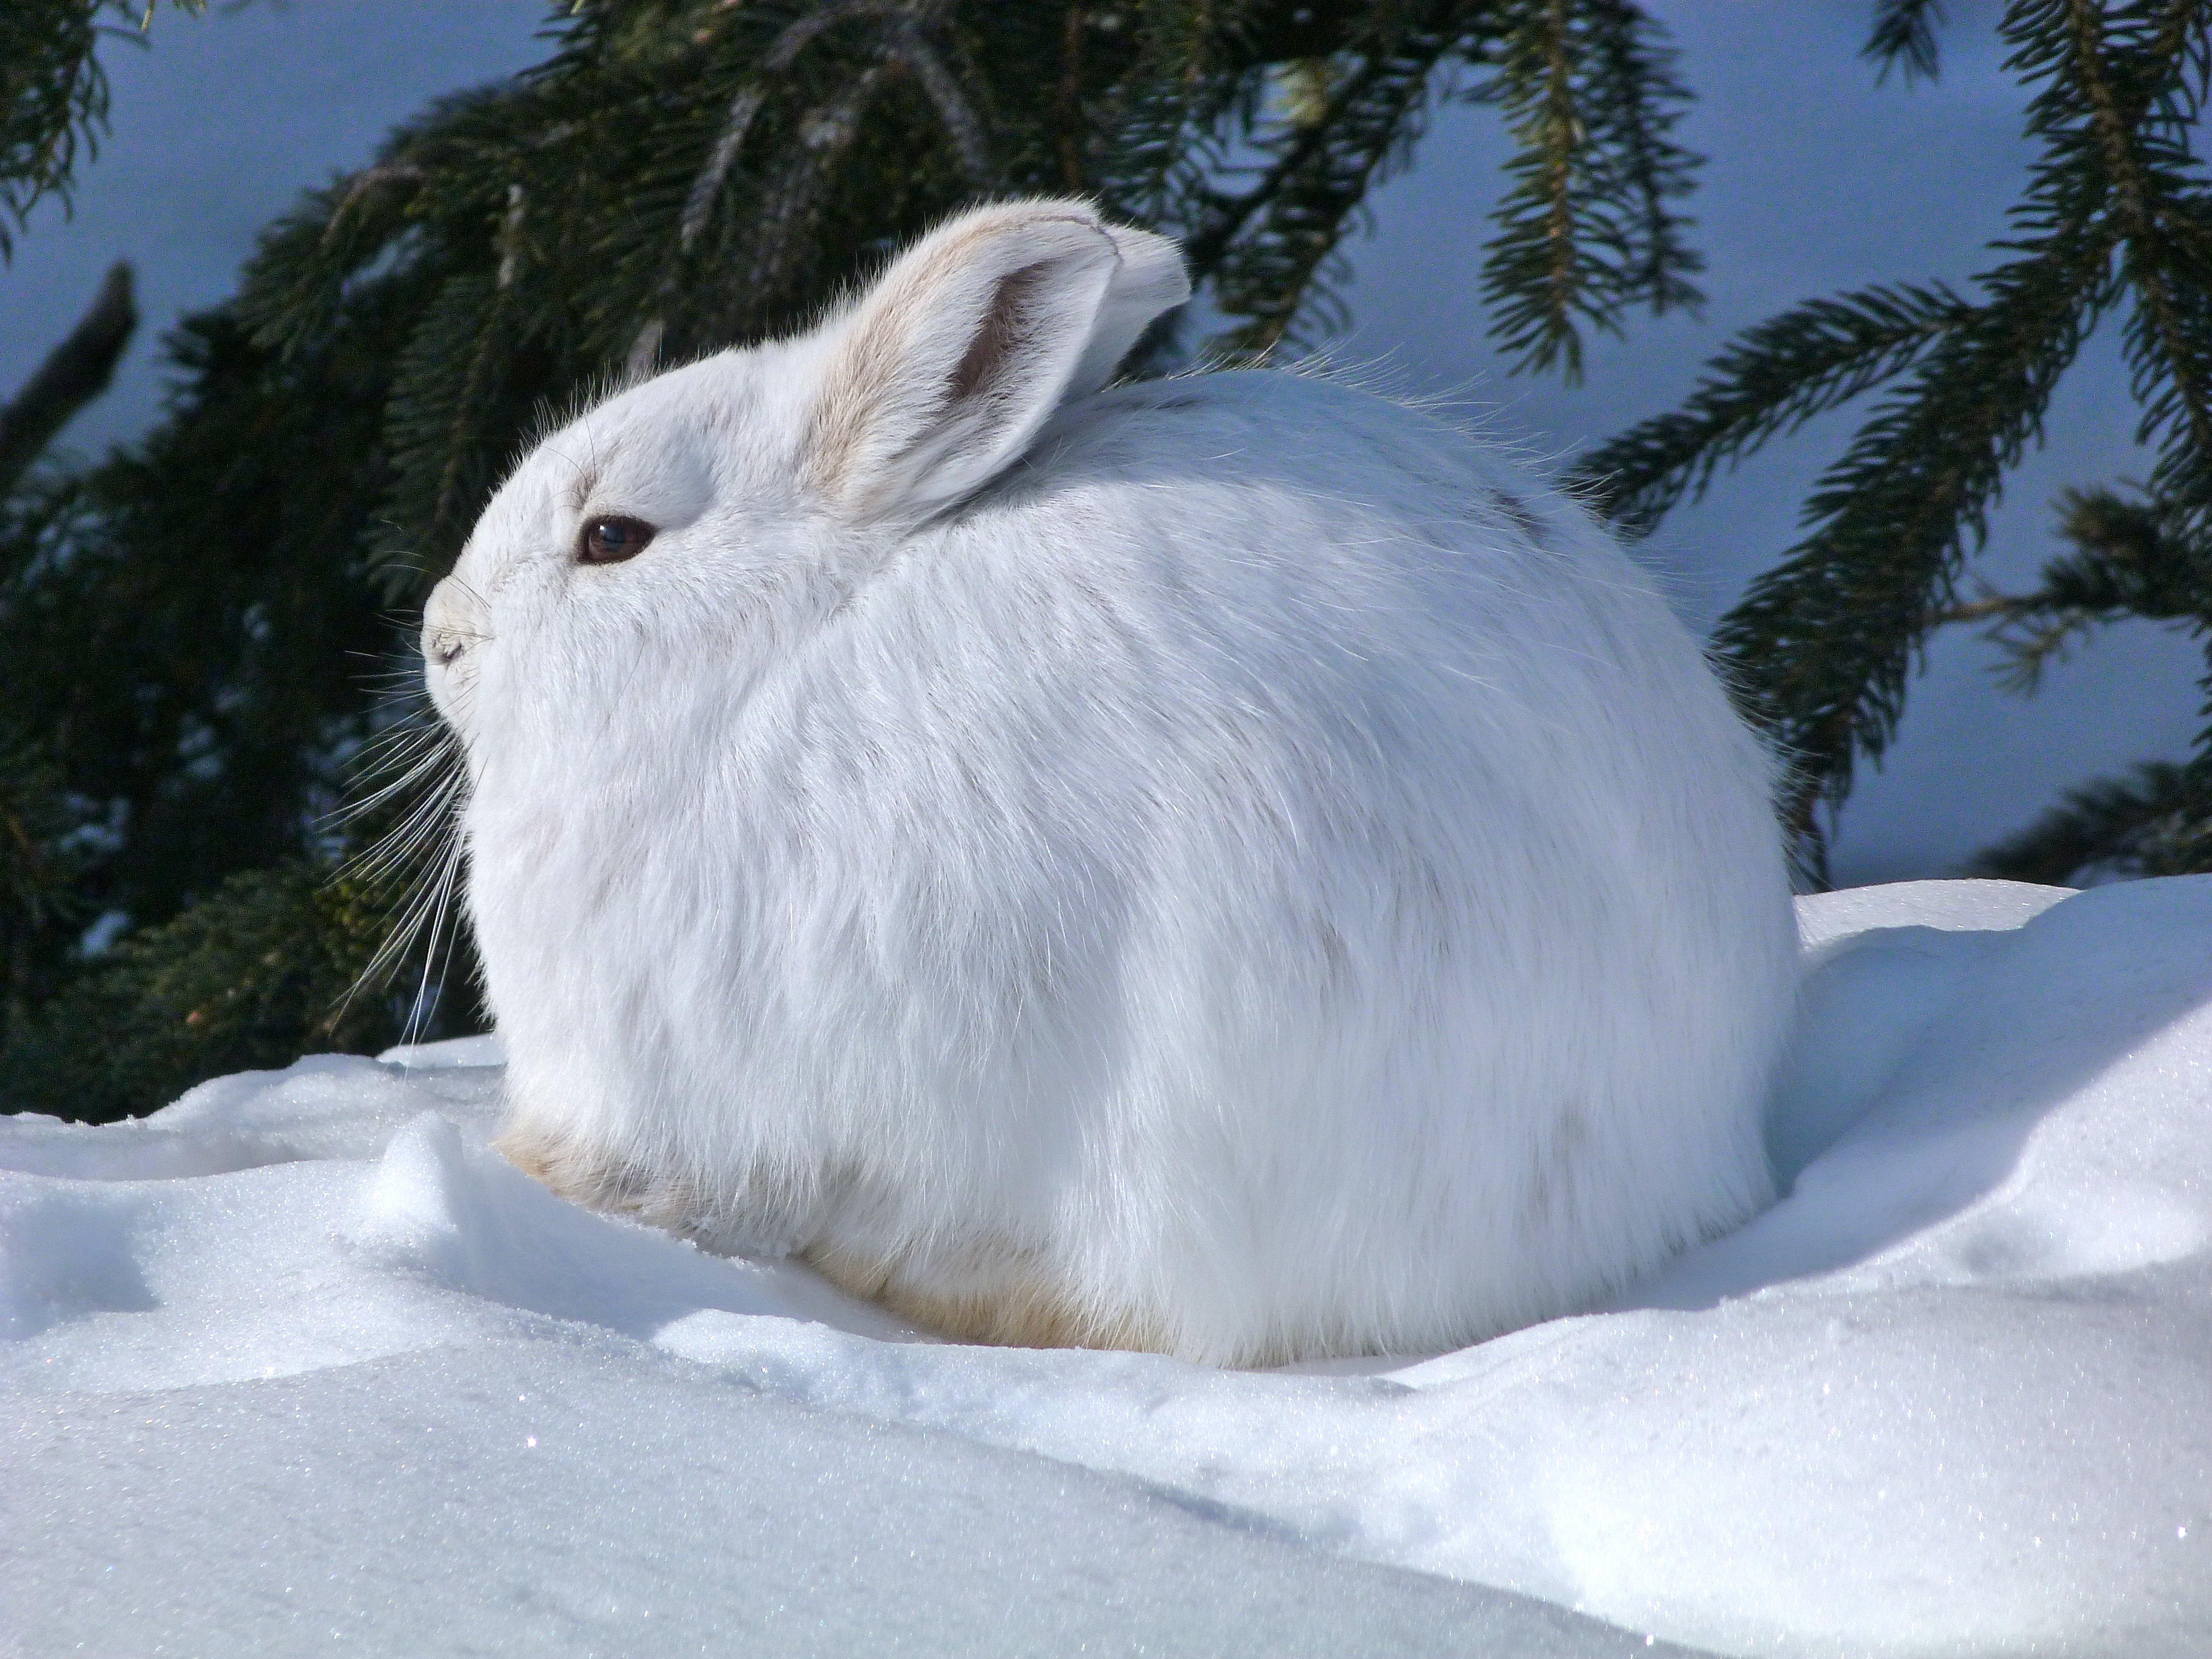 Arctic Hare Wallpaper | www.pixshark.com - Images ...